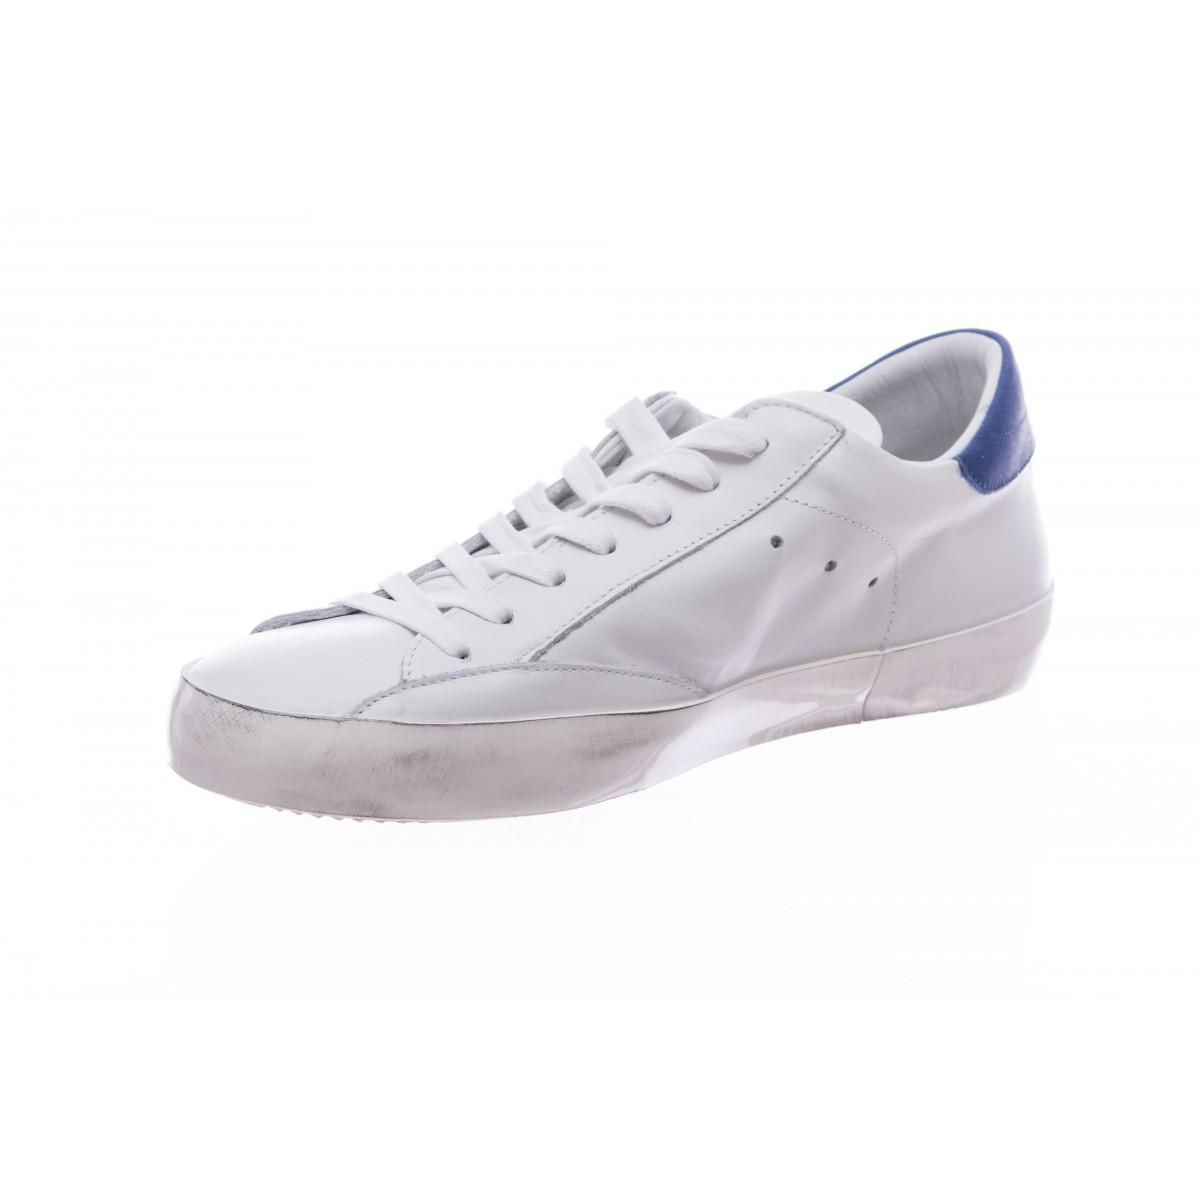 Scarpe - Cllu vn11 bianca tutta pelle